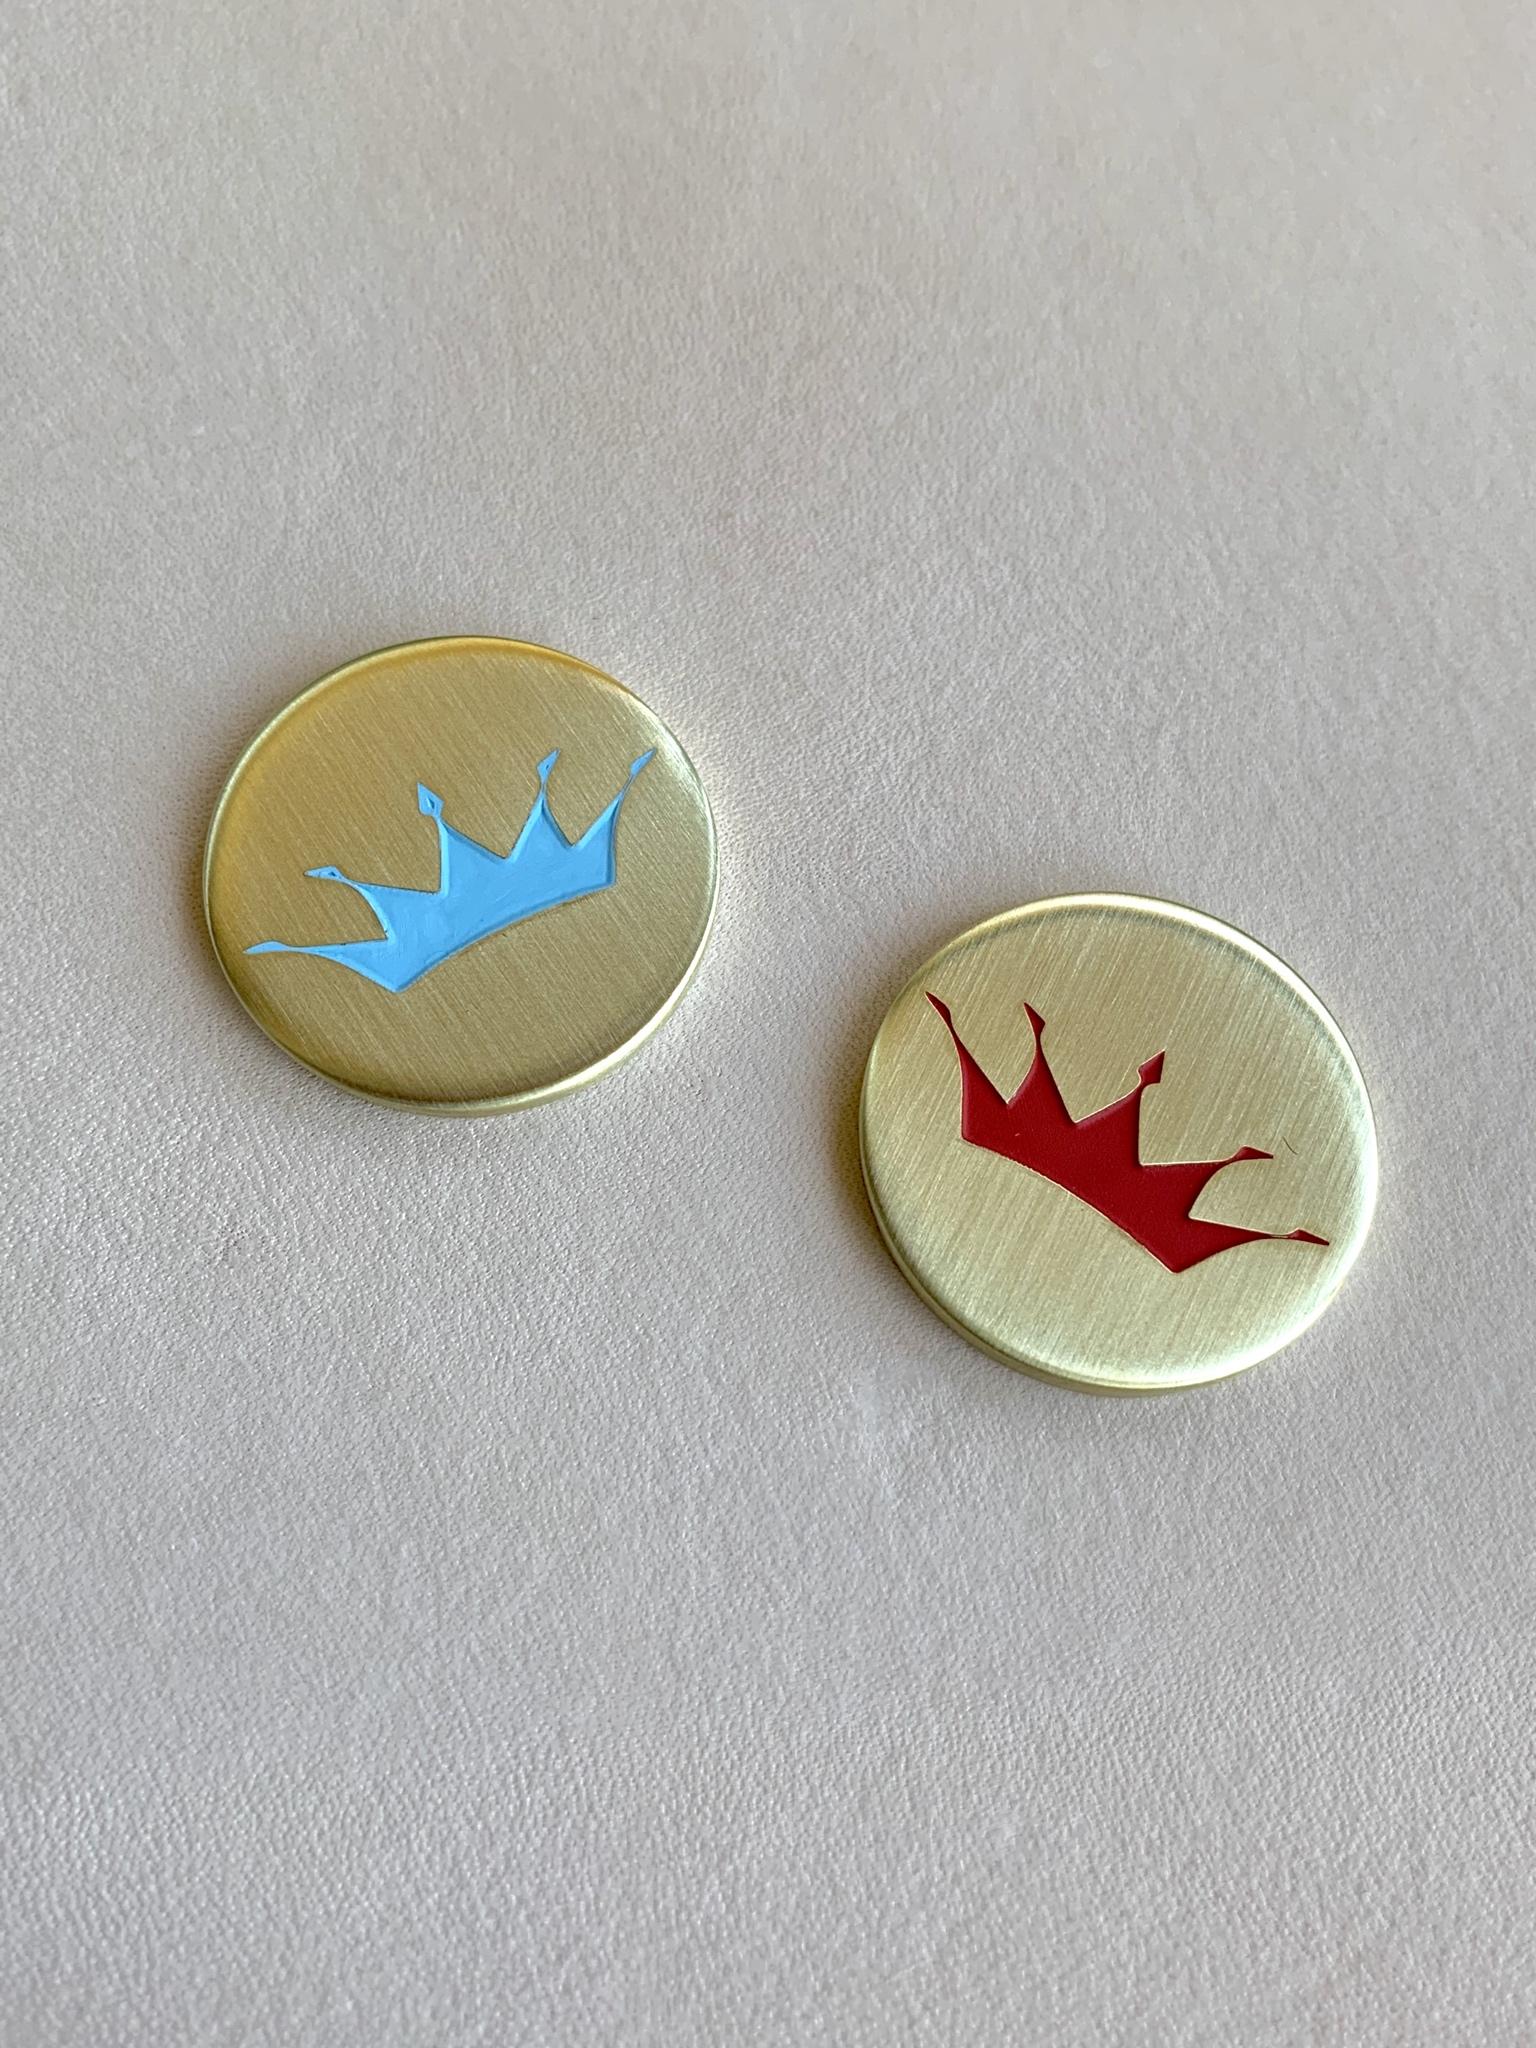 Crown Standard Markers.jpg